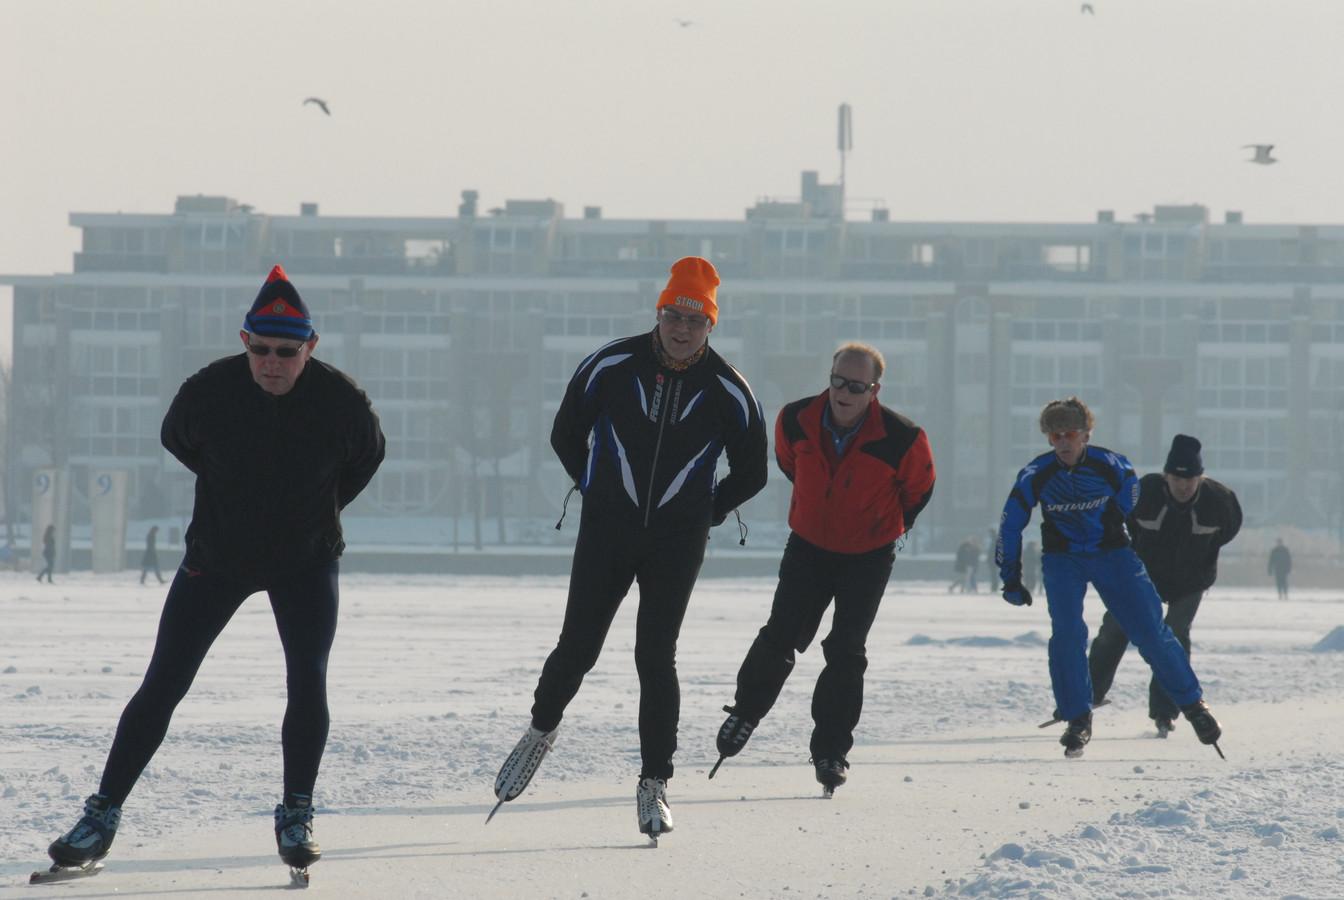 Een schaatstoertocht op de Binnenschelde. De Stichting IJsvermaak ziet het er niet meer van komen en stopt.